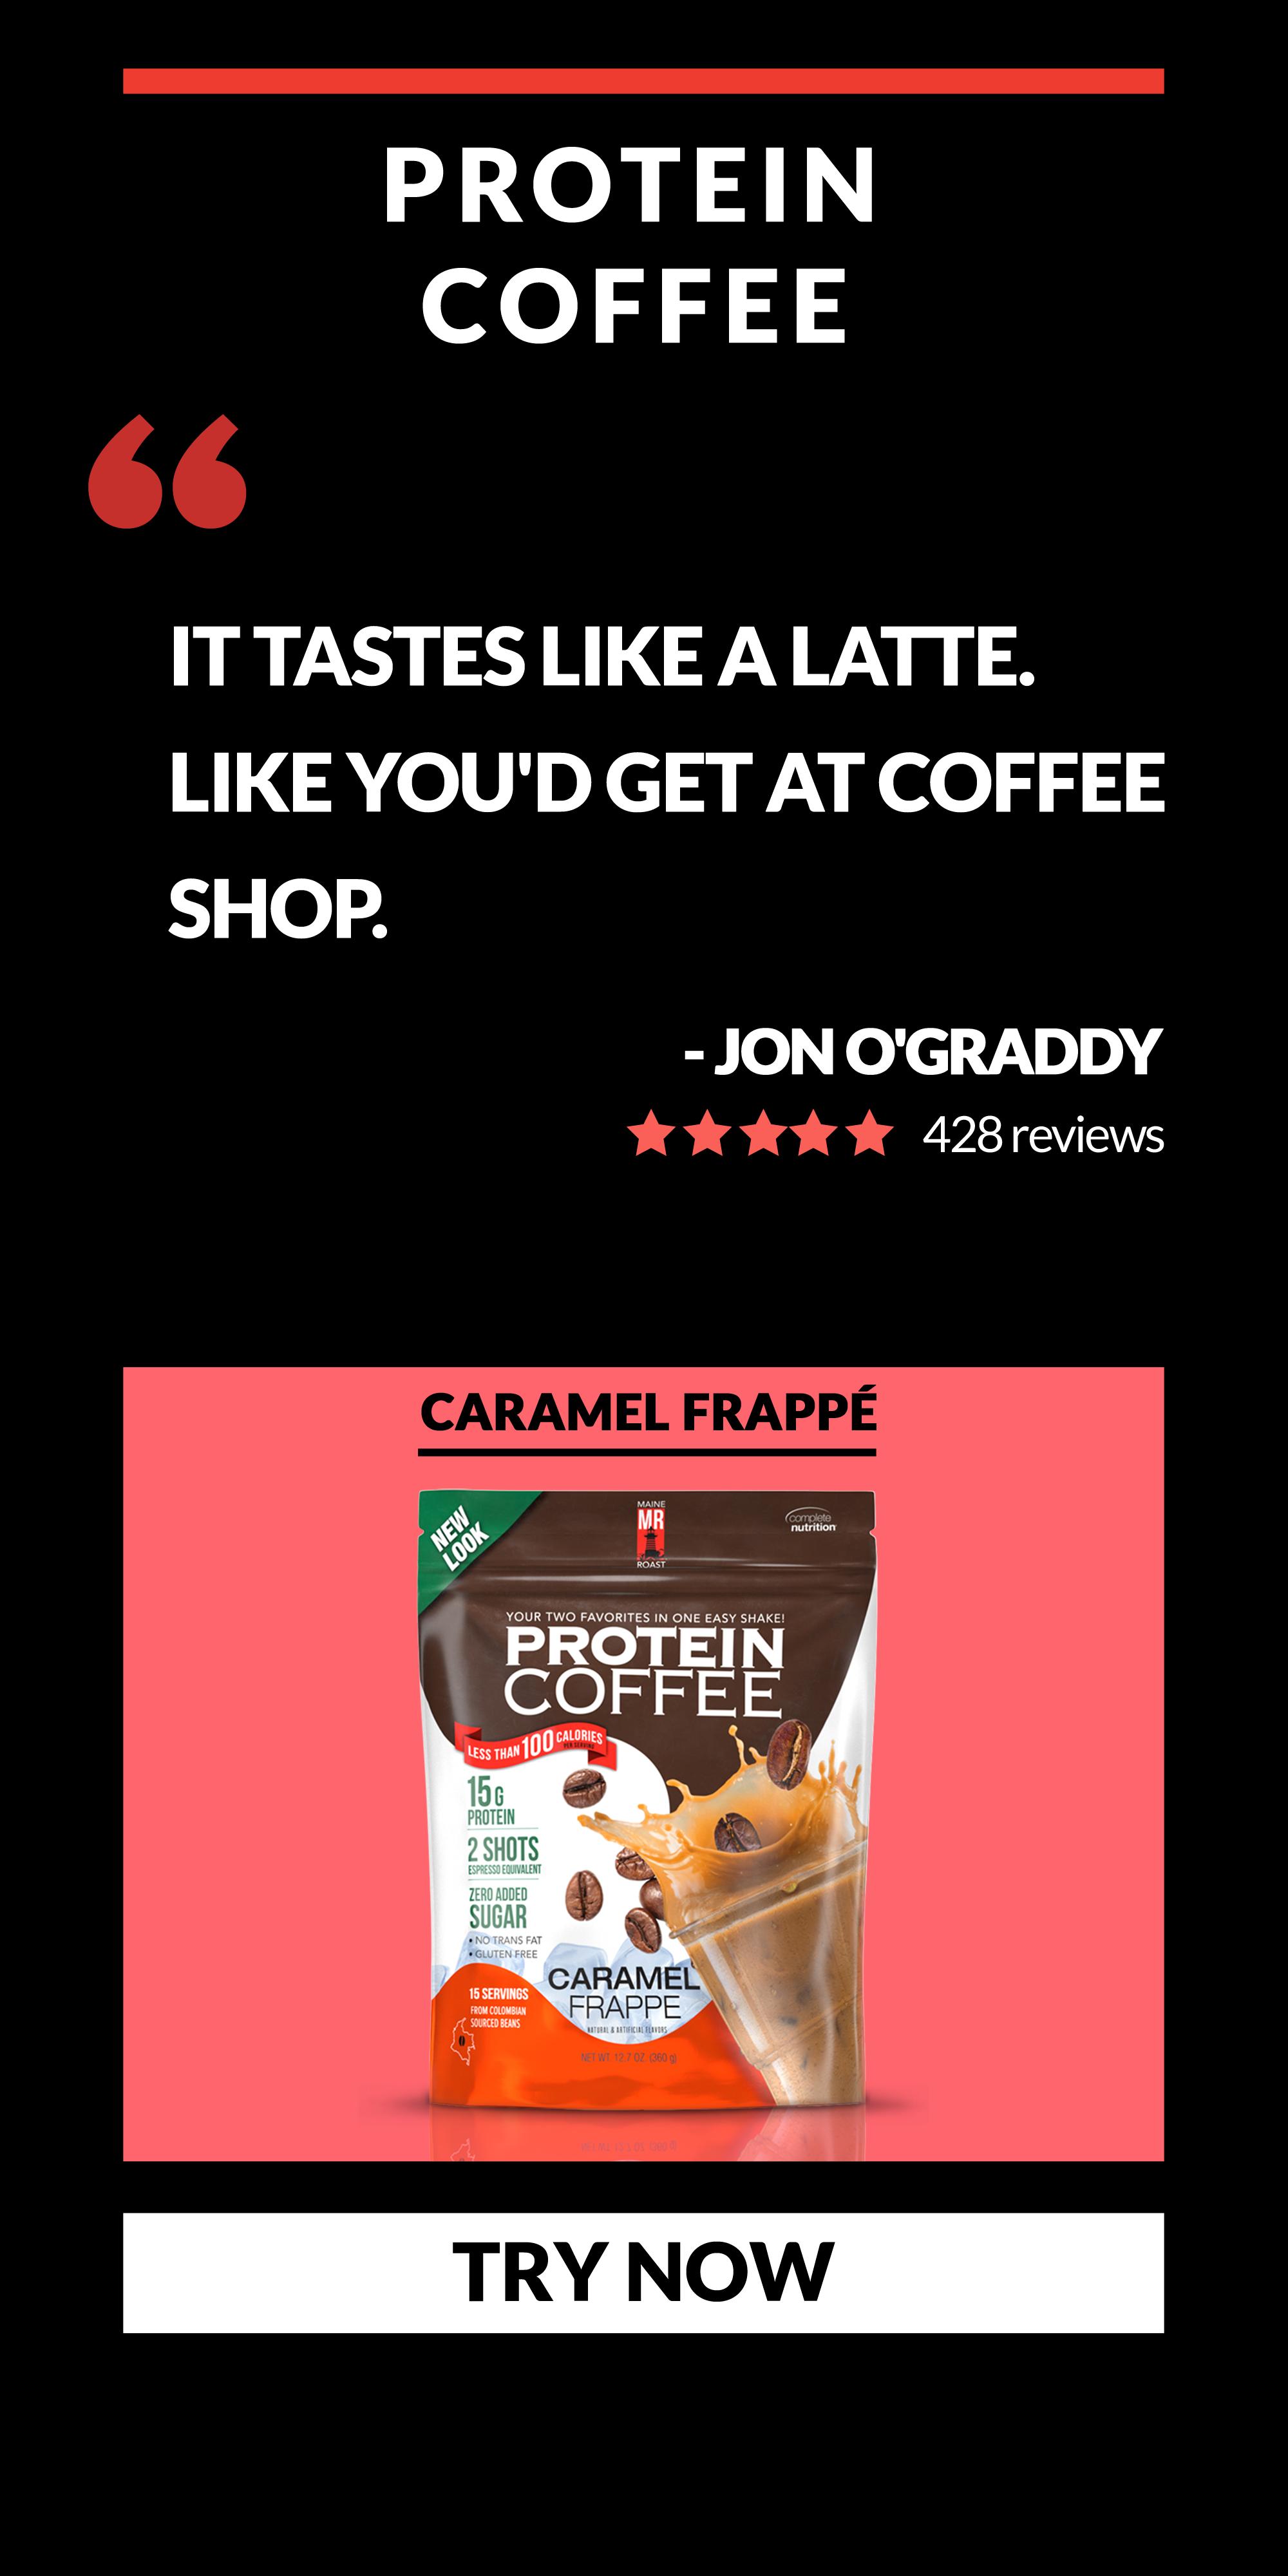 Protein Coffee Testimonial